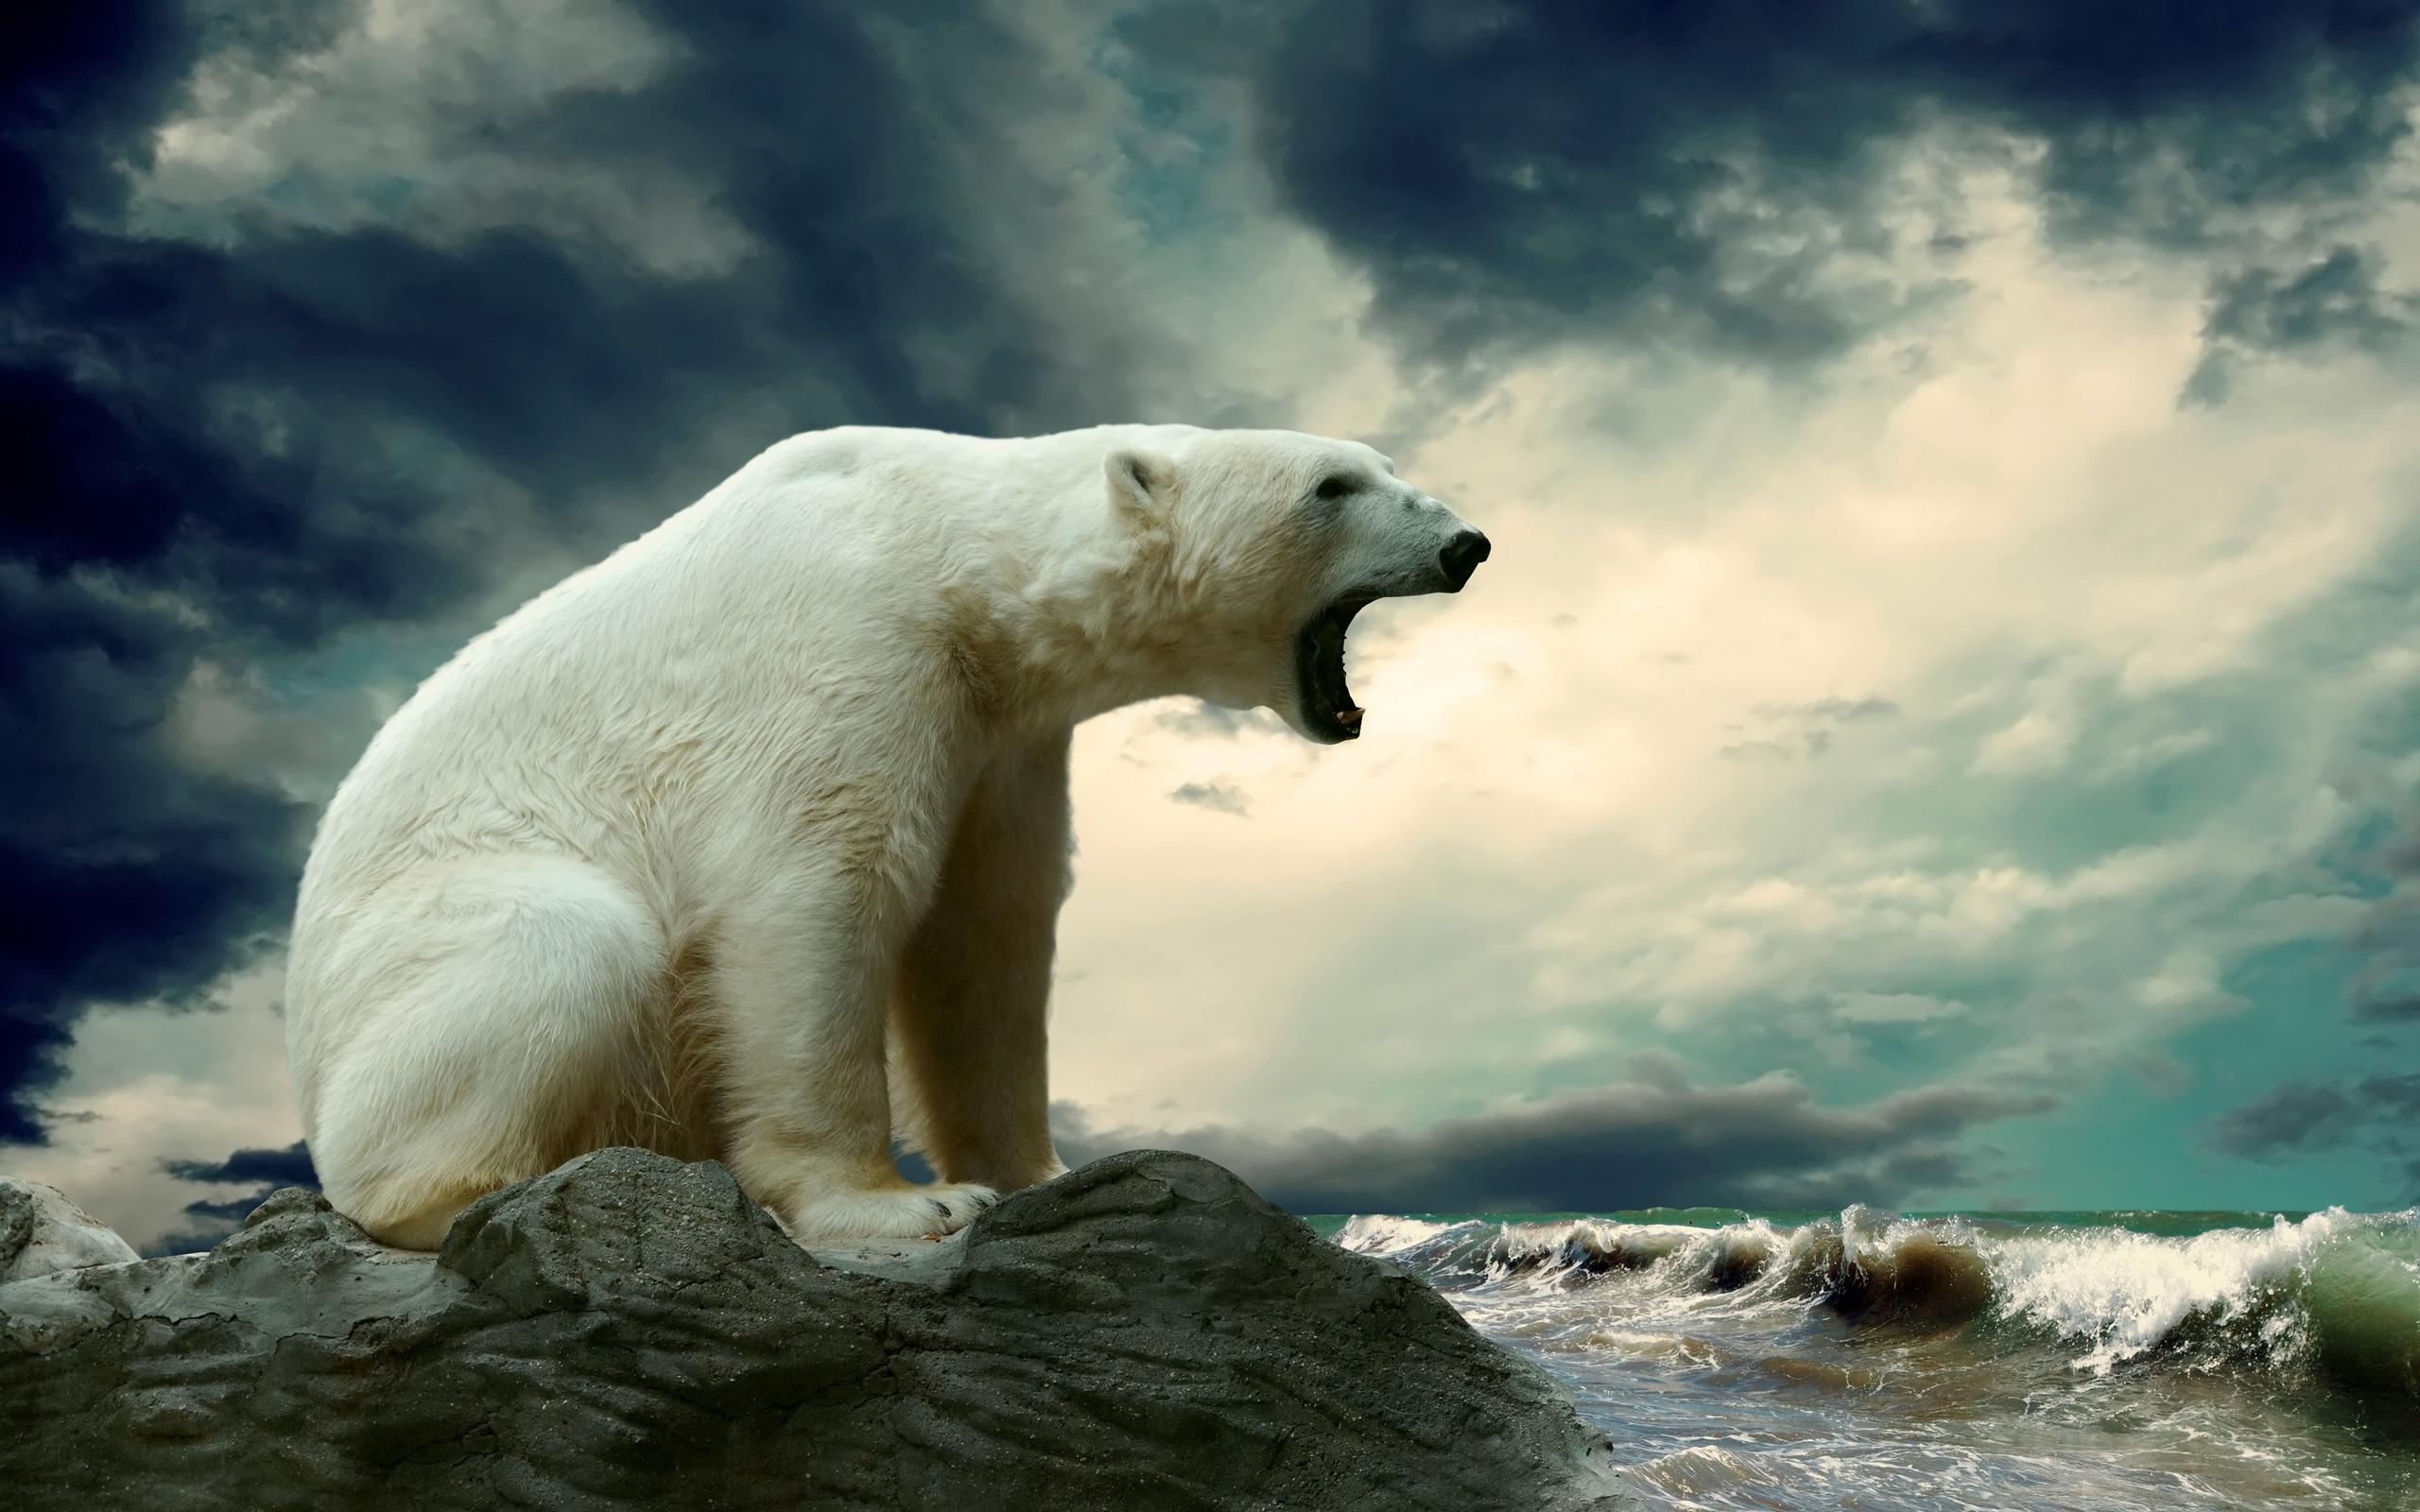 tải ảnh gấu bắc cực